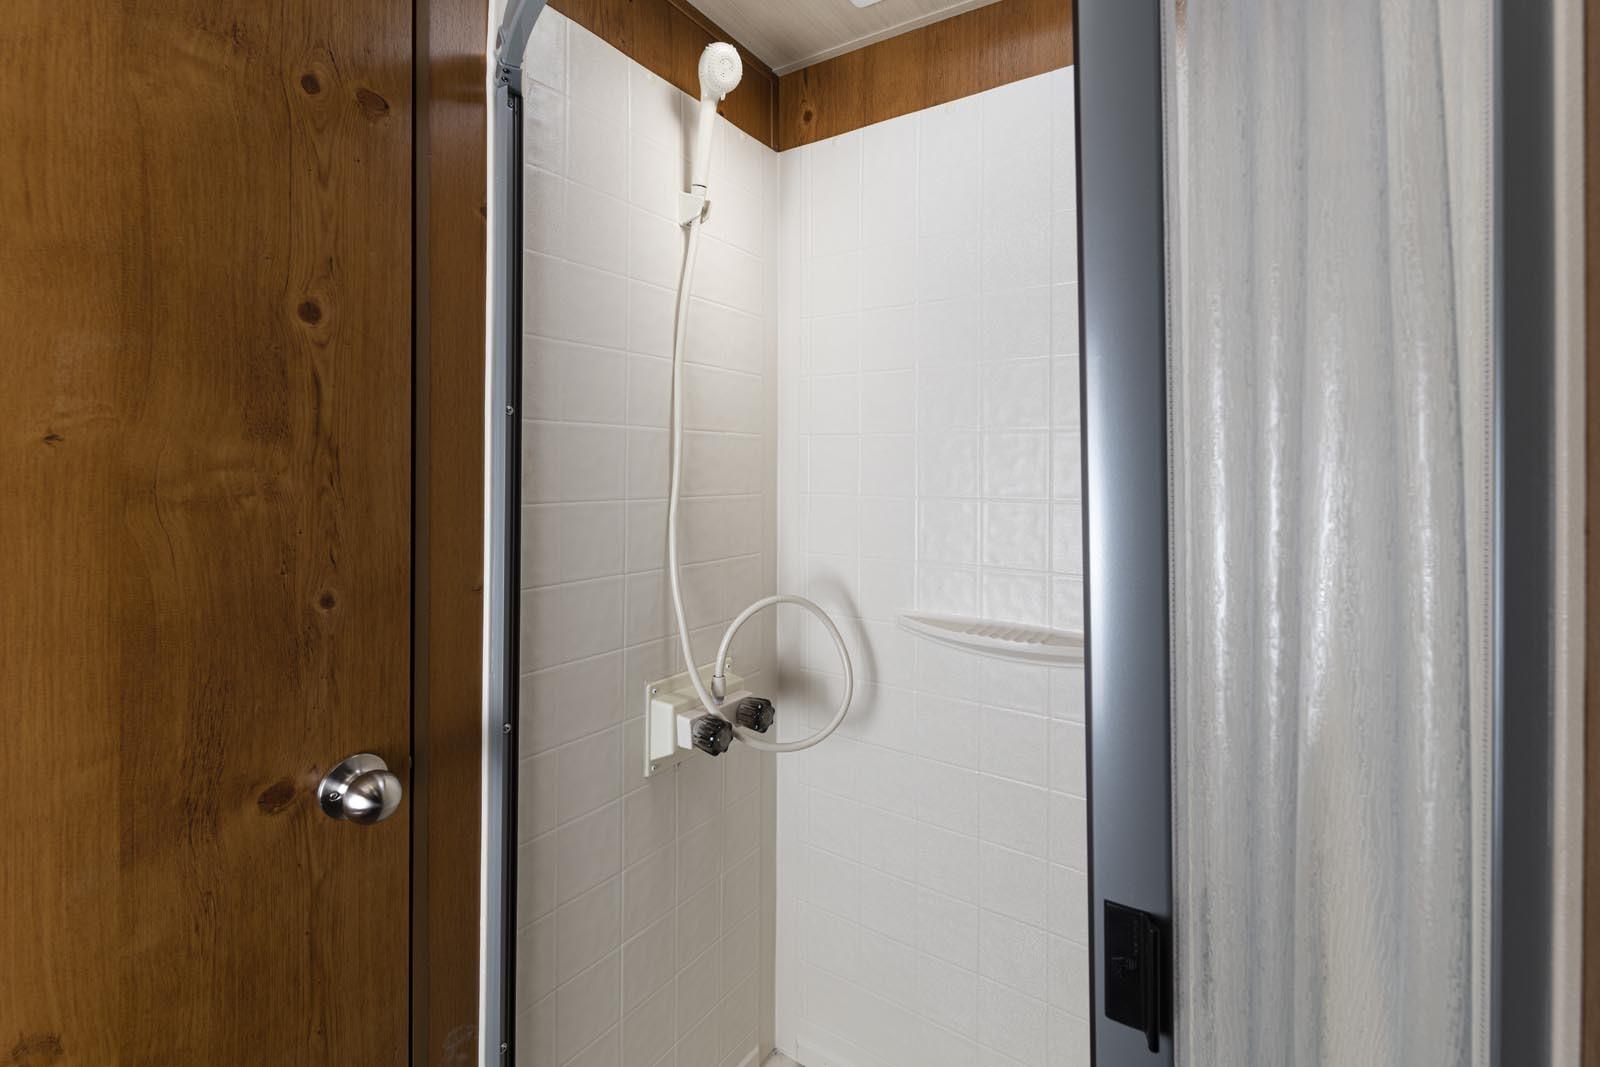 21 23rss crim shower